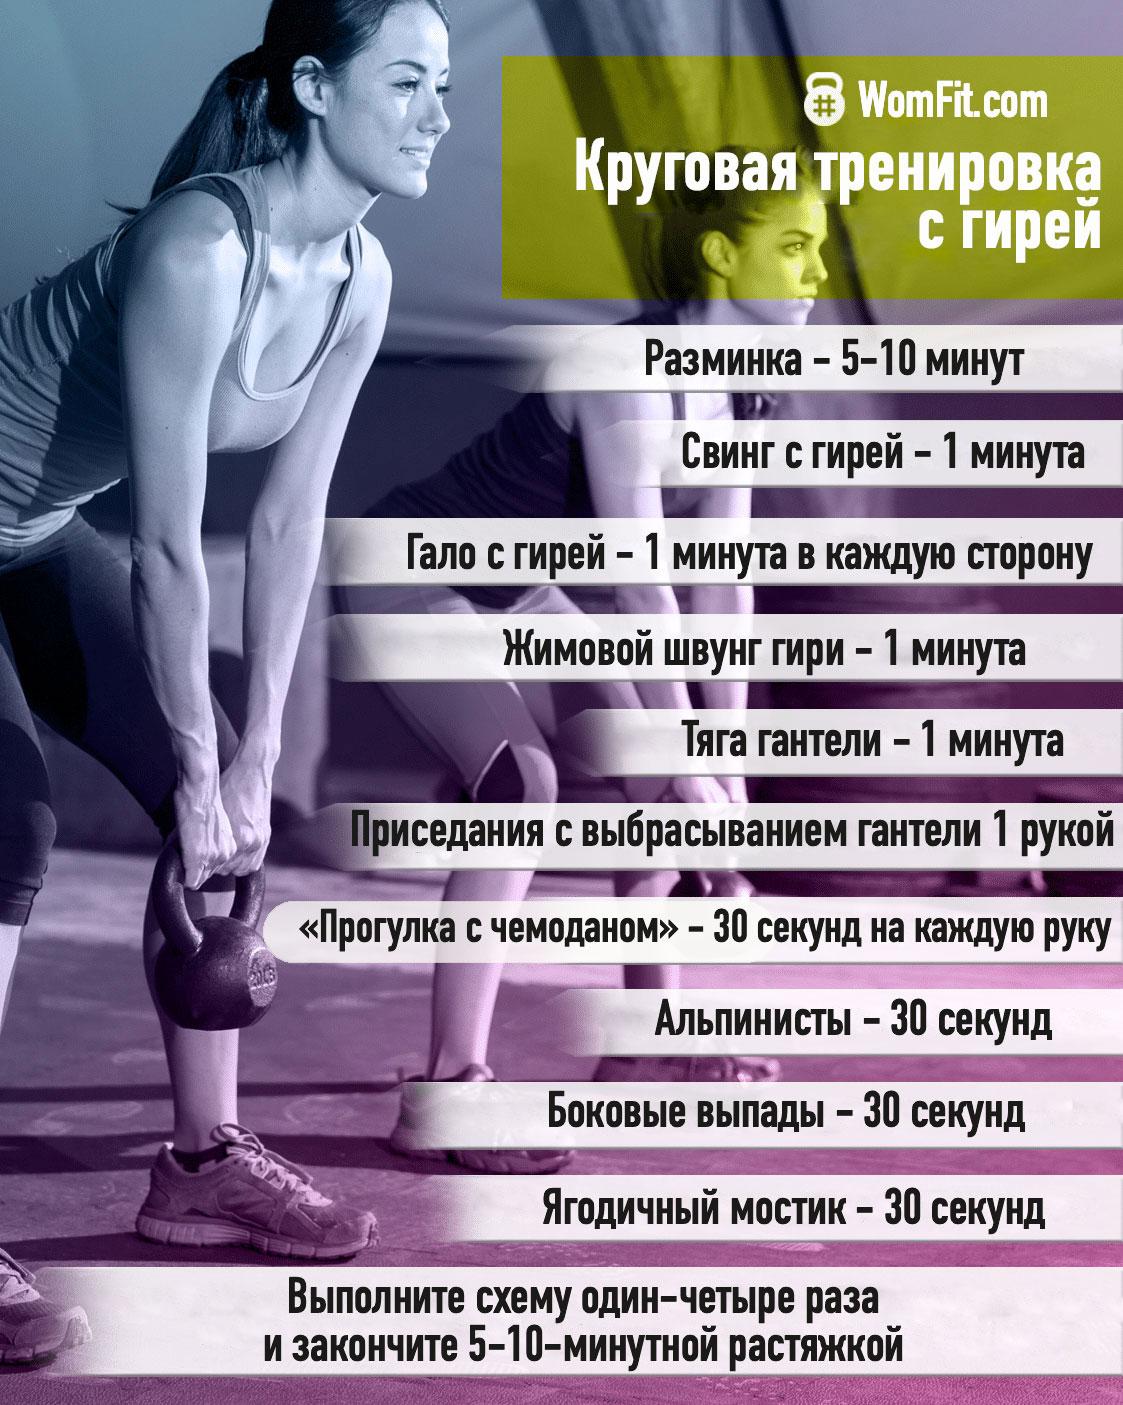 Круговая тренировка с гирей или гантелей